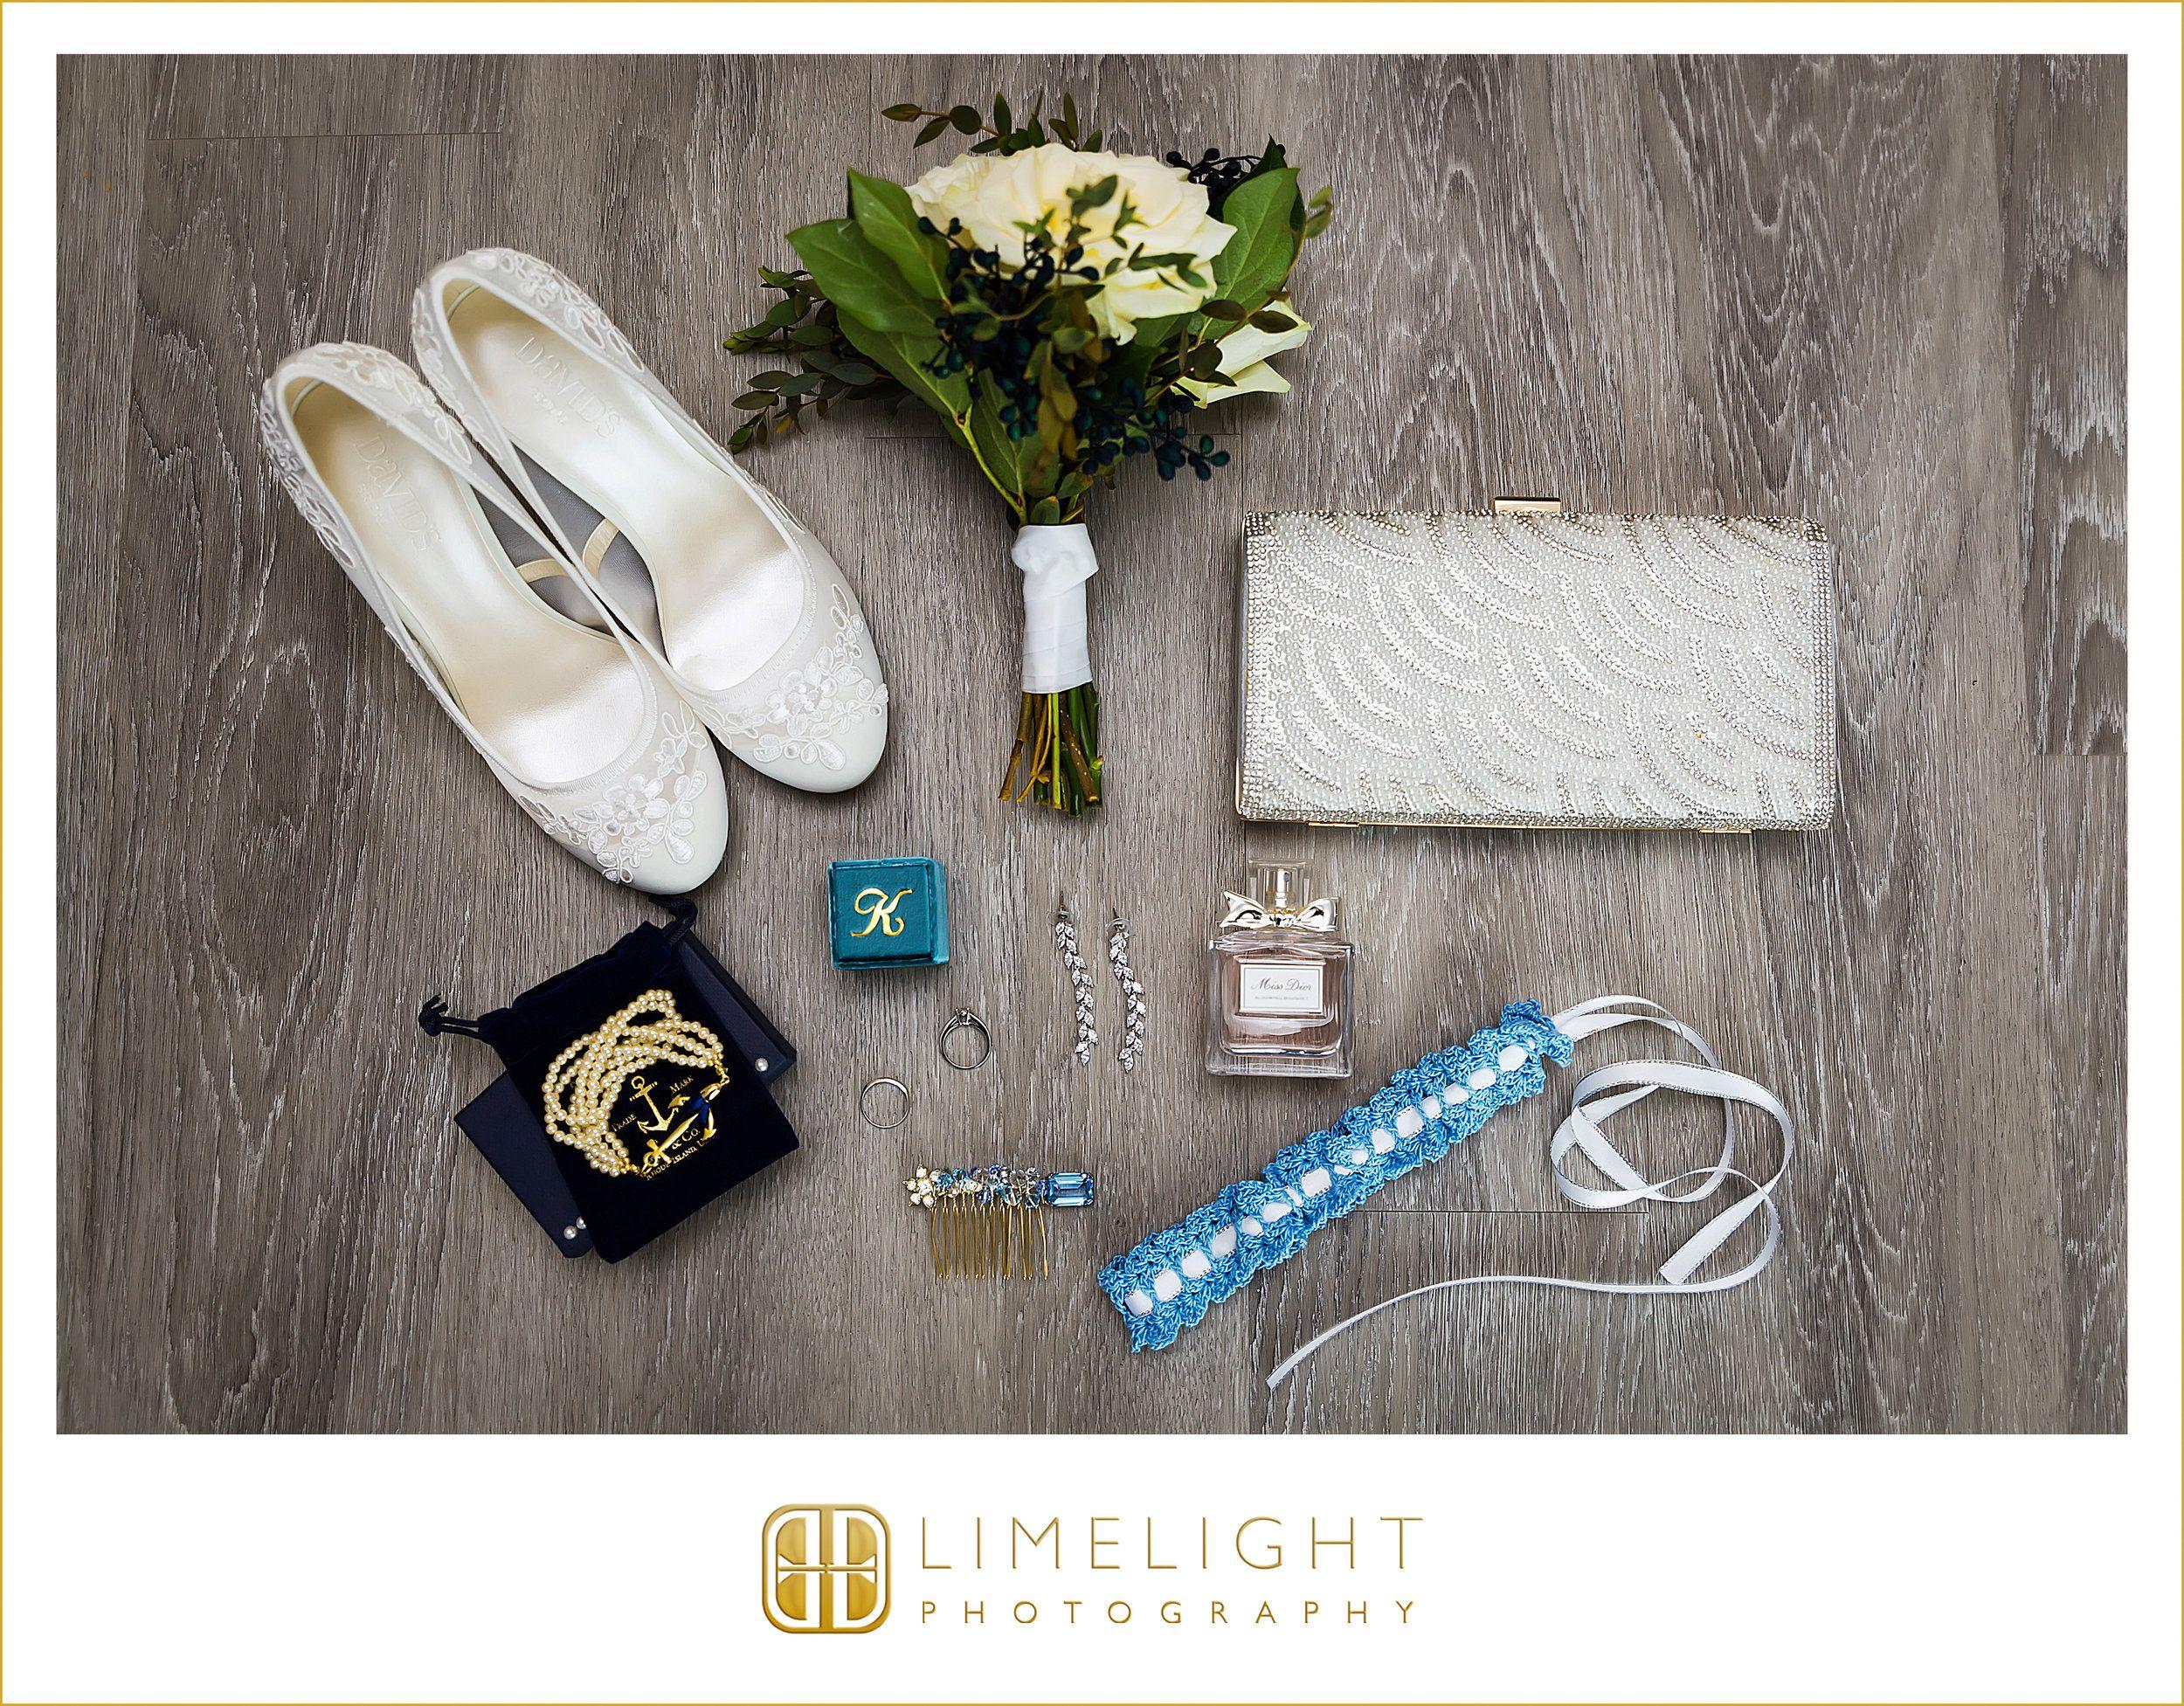 The vinoy renaissance st petersburg st pete bride details bridal shoes clutch bouquet garter jewelry limelight photography